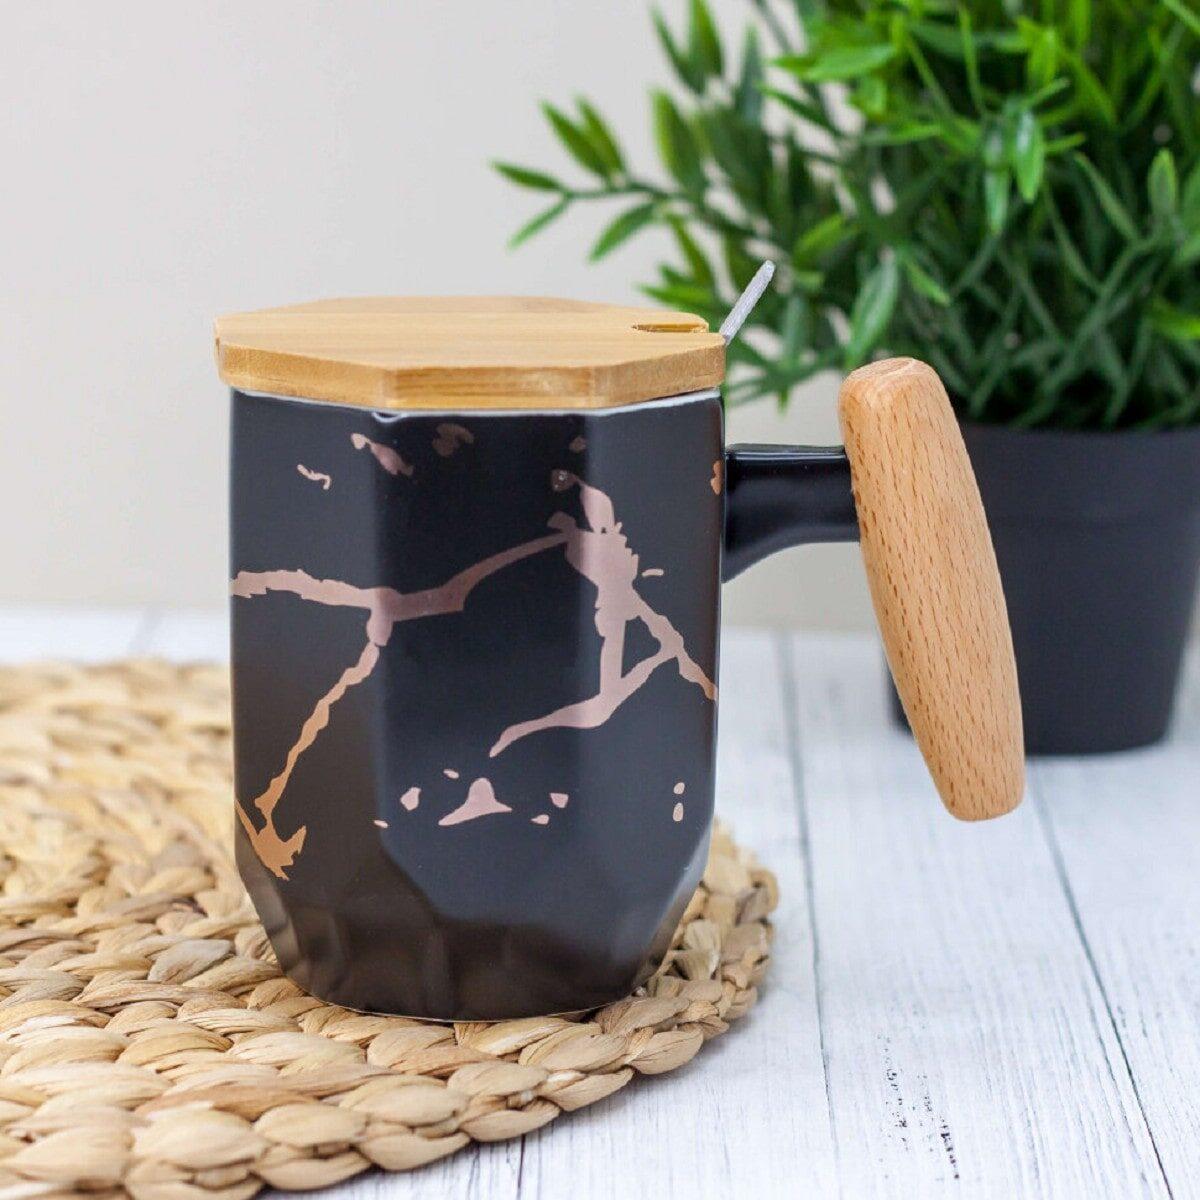 Чашка керамічна Мармур дерев'яною кришкою та ручкою 380 мл, чорна